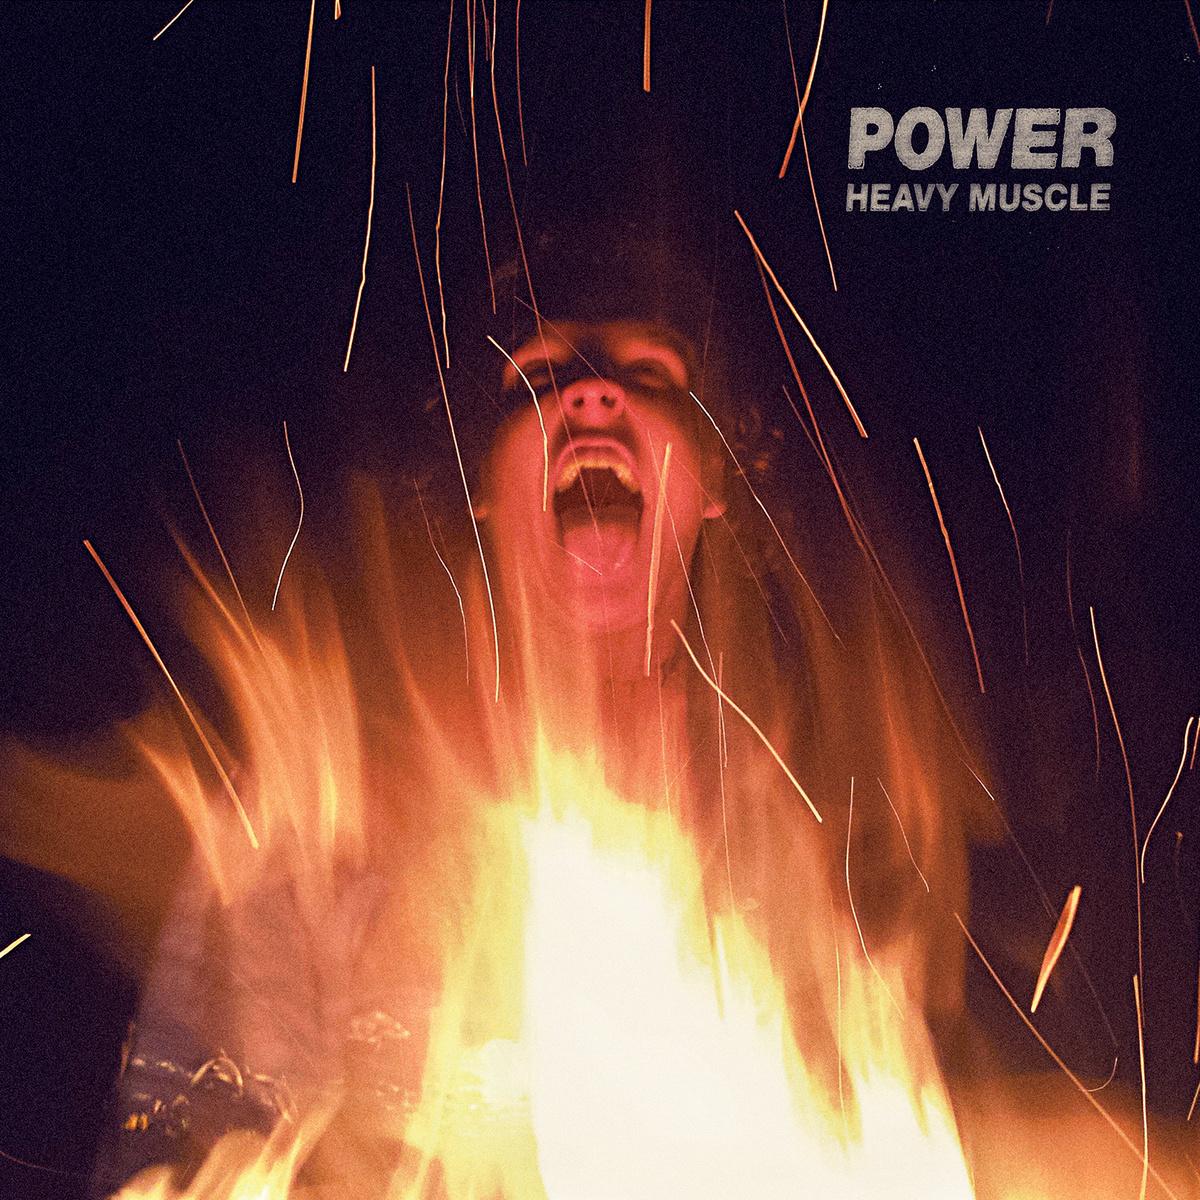 Power – Heavy Muscle